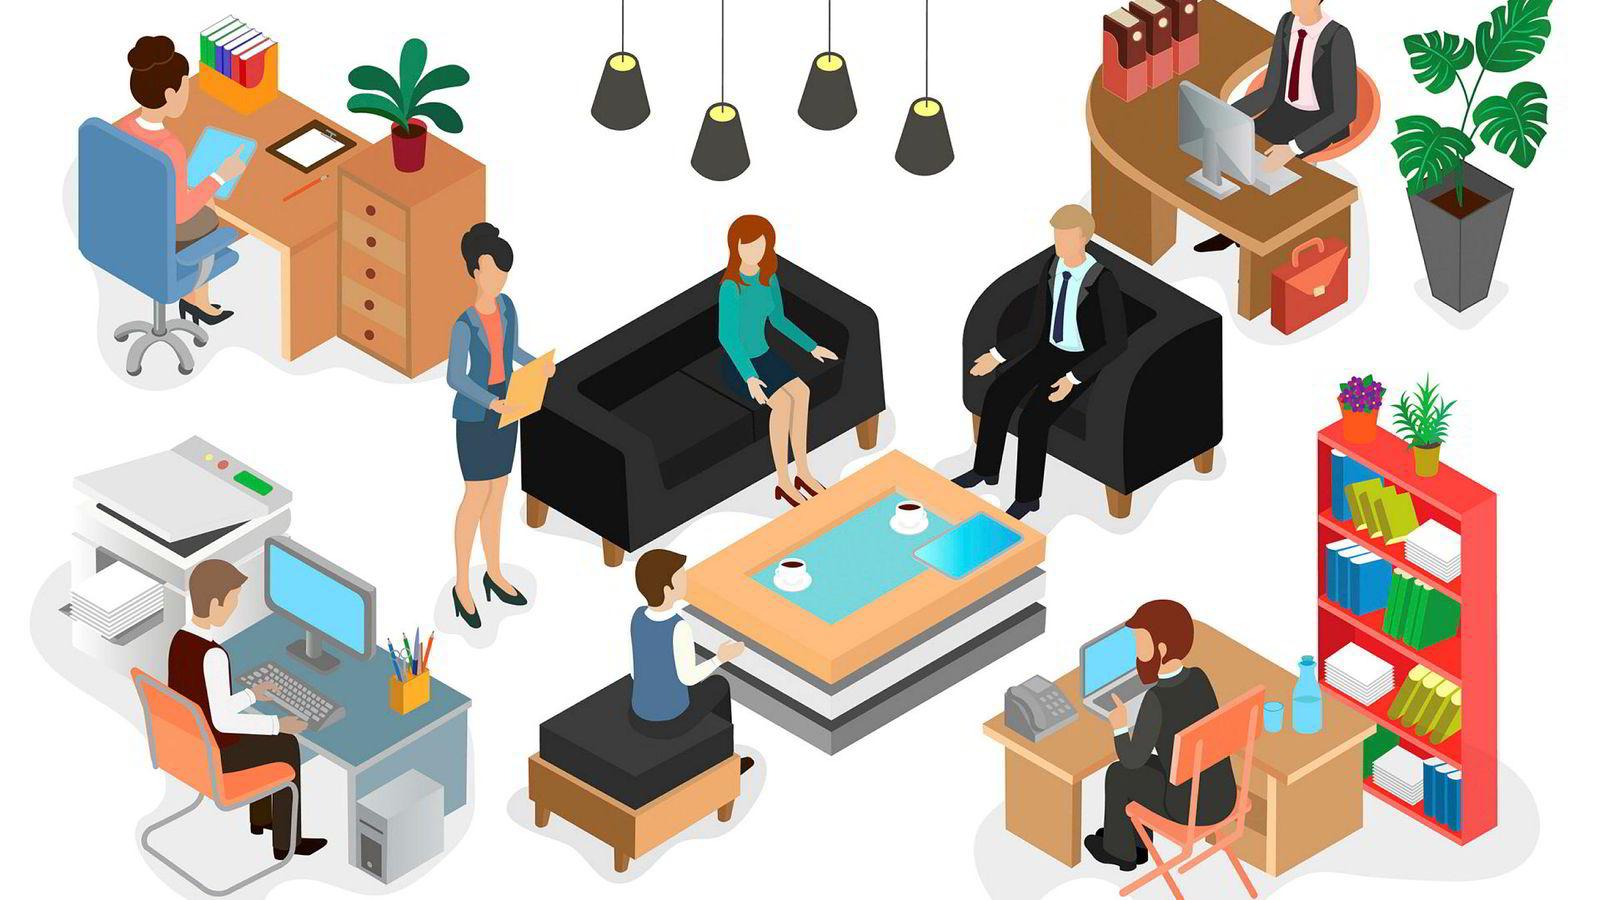 Det hjelper lite at en som leder synes at skifte av kontor er en liten bagatell i disse «clean desk»-tider dersom professoren som har fått lov å støve ned på sitt store kontor i 30 år opplever det å flytte til et mindre kontor som en stor og ubehagelig endring.